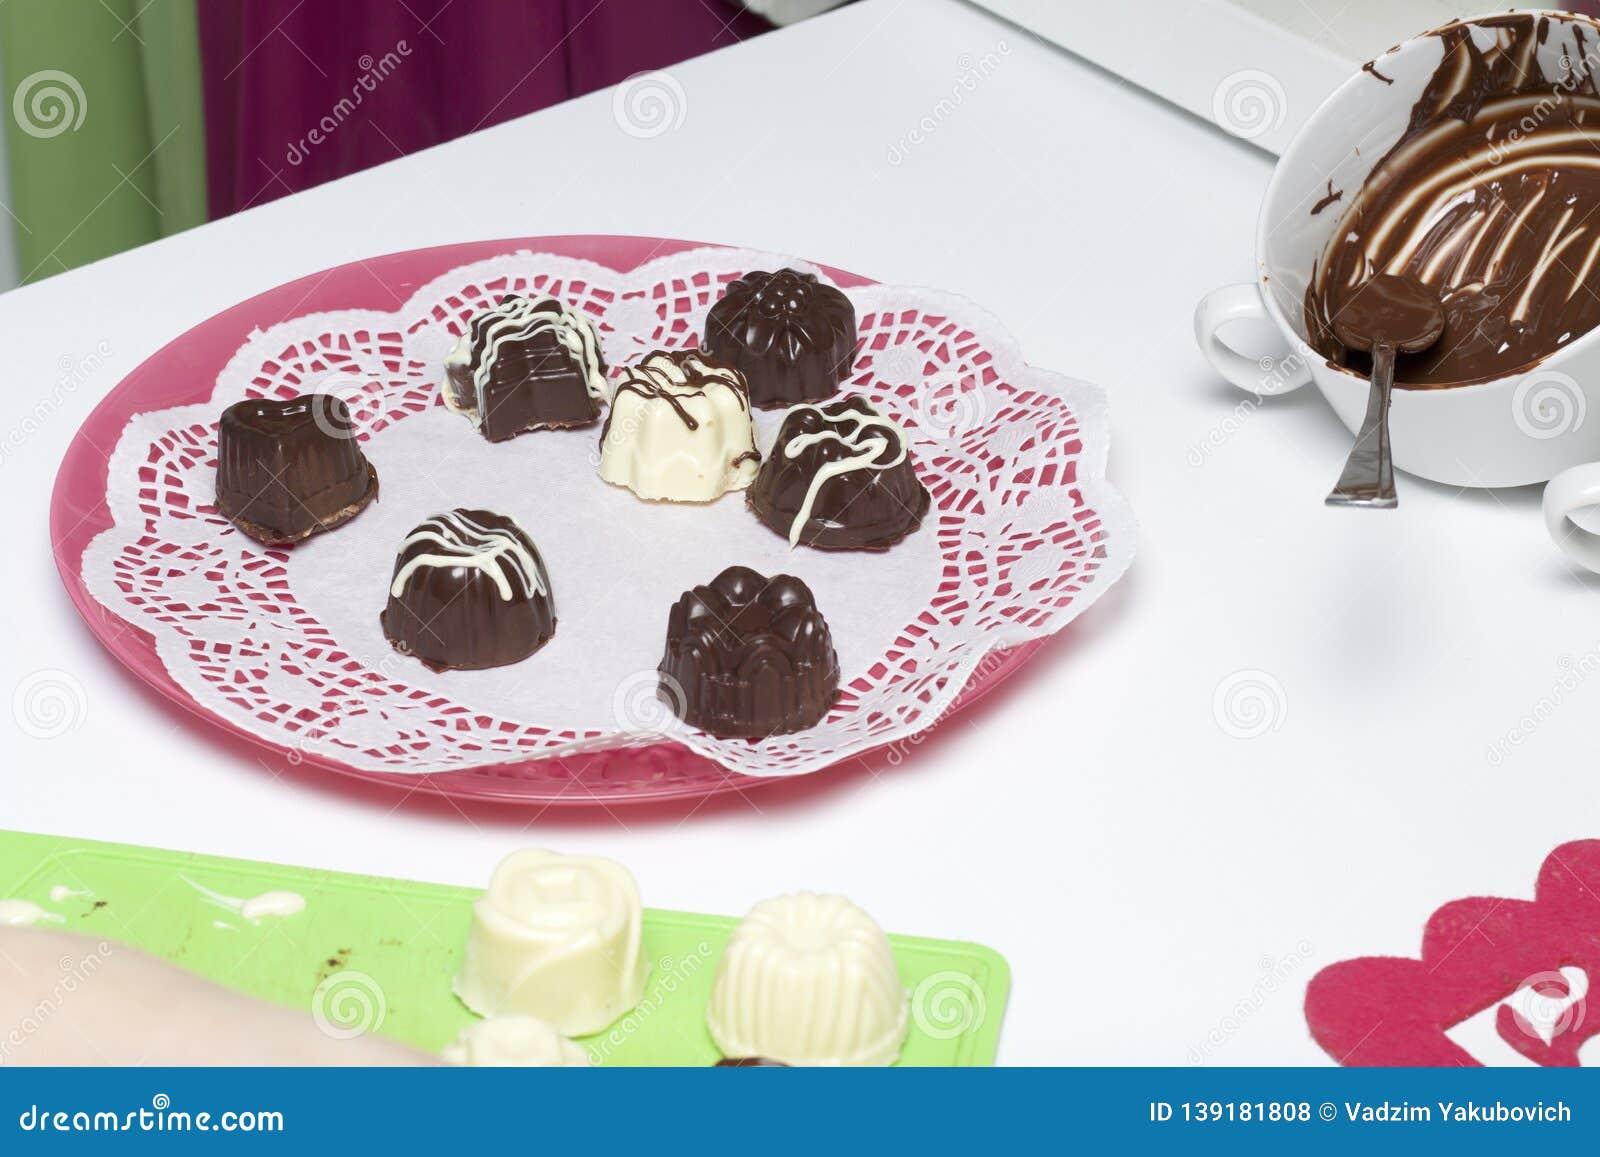 Μαγειρεύοντας γλυκά με την καρύδα και το συμπυκνωμένο γάλα Σε ένα λούστρο της άσπρης και μαύρης σοκολάτας